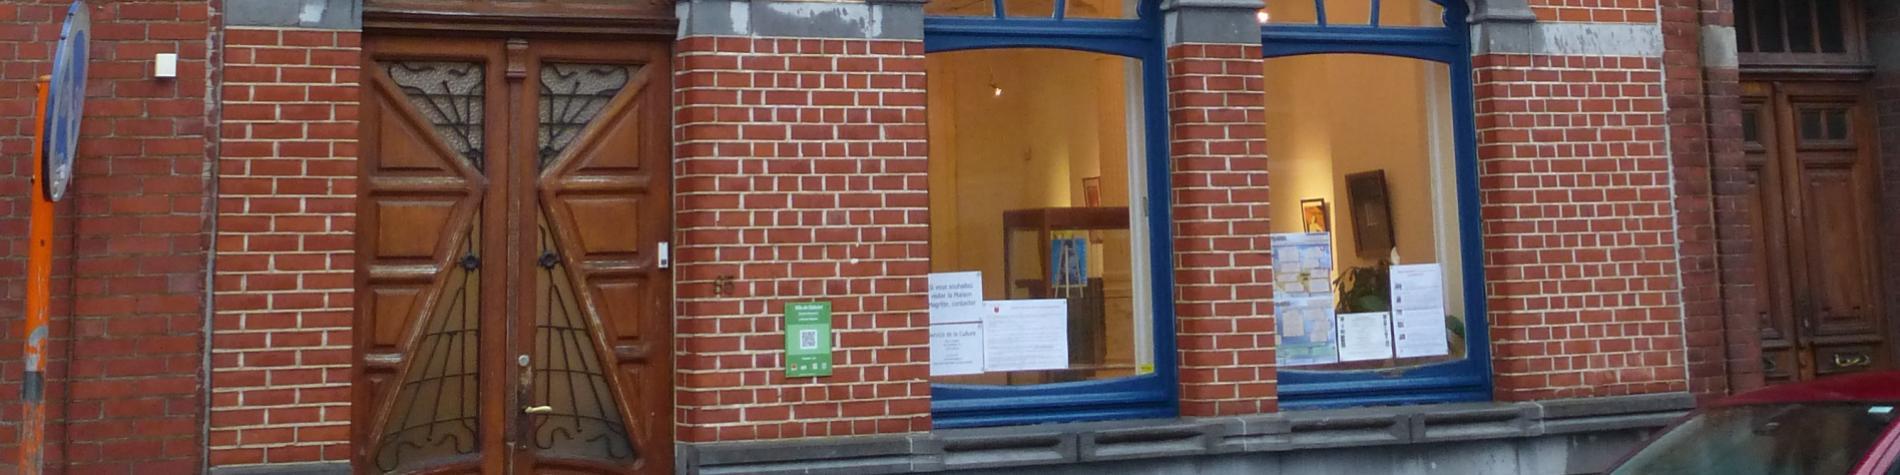 Maison Magritte - Châtelet